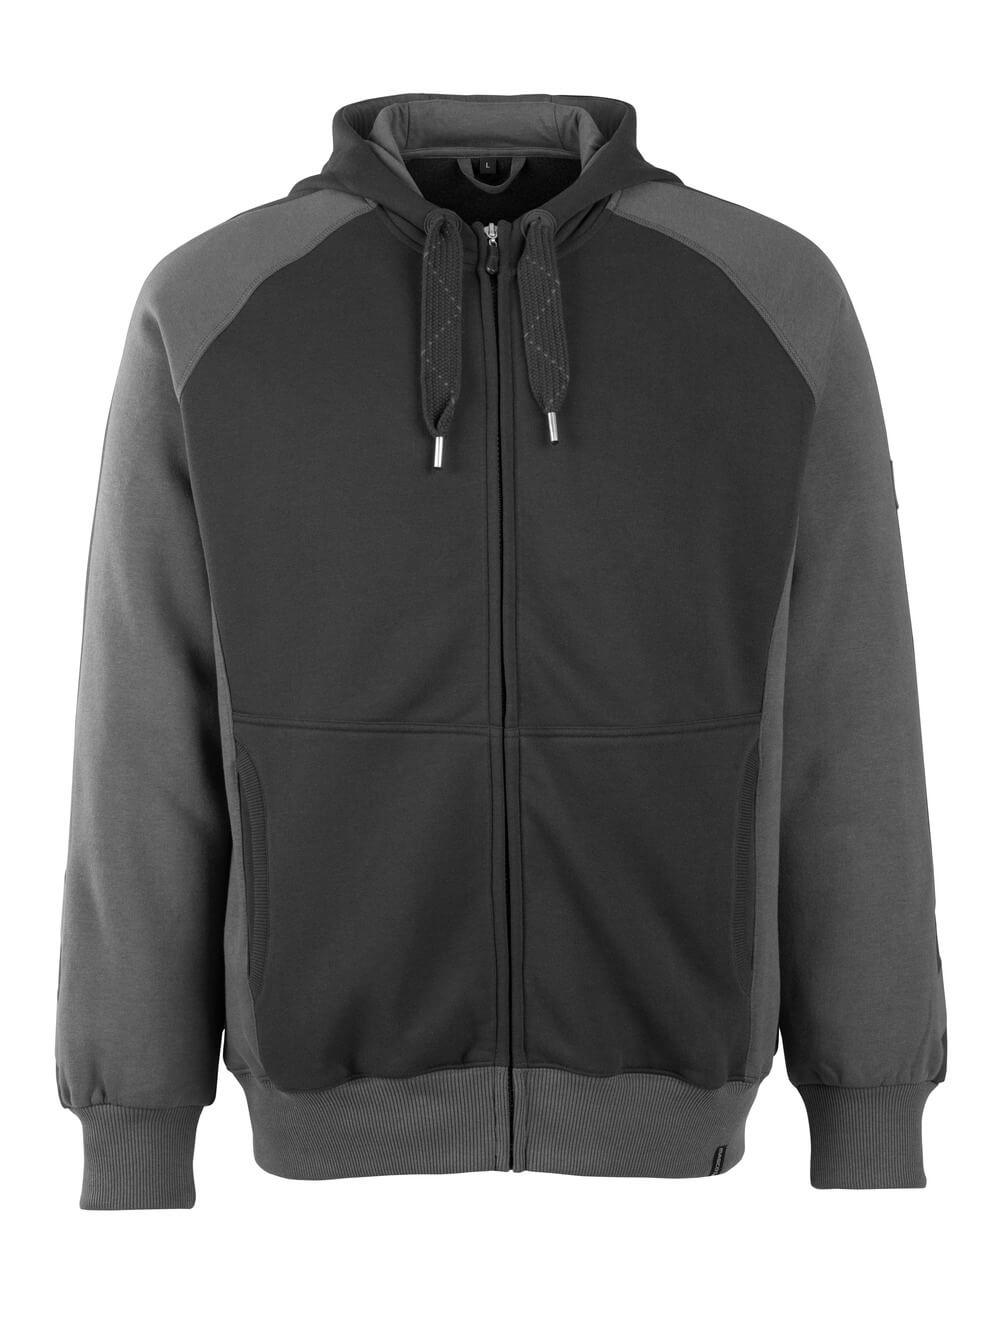 50566-963-0918 Kapuzensweatshirt mit Reißverschluss - Schwarz/Dunkelanthrazit